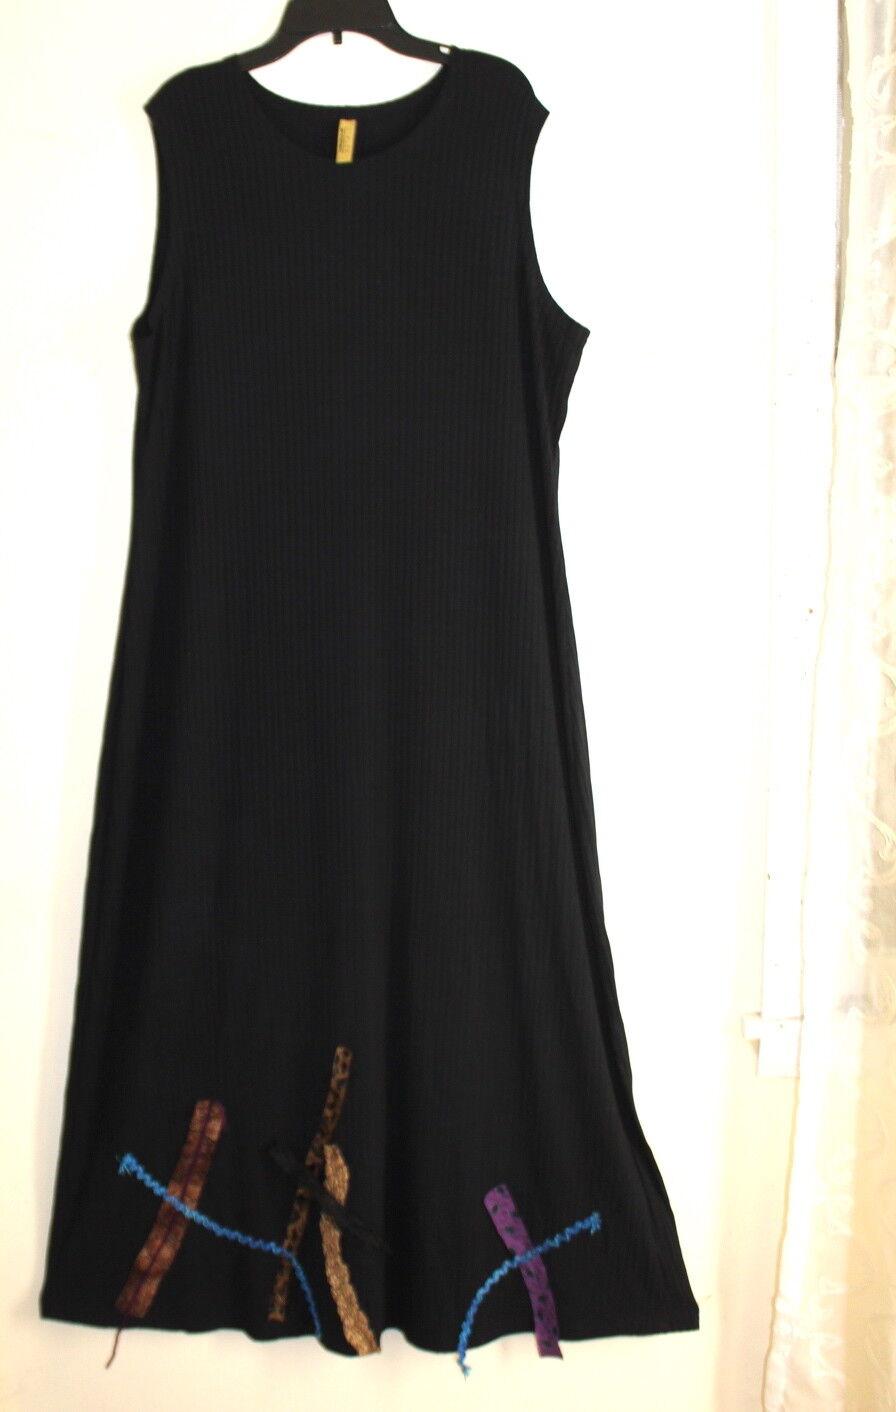 Staley Gretzinger Fun Wearable Art Funky Lagenlook Ribbed Sleeveless Dress Sz L